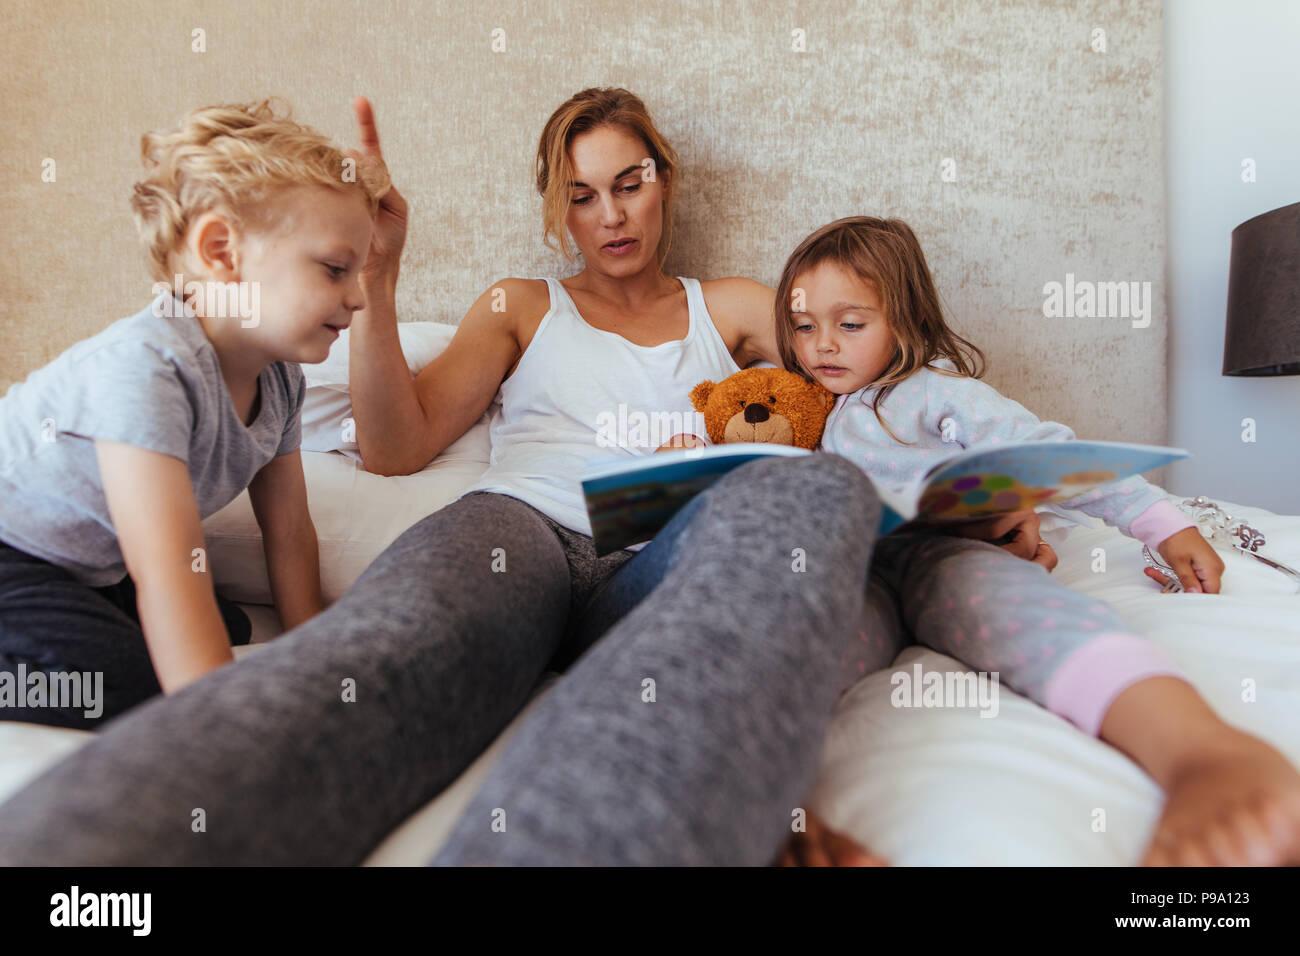 Lettura madre Bedtime Story per bambini a casa. Madre premurosa libro di lettura per gli adorabili bambini piccoli sul letto. Immagini Stock